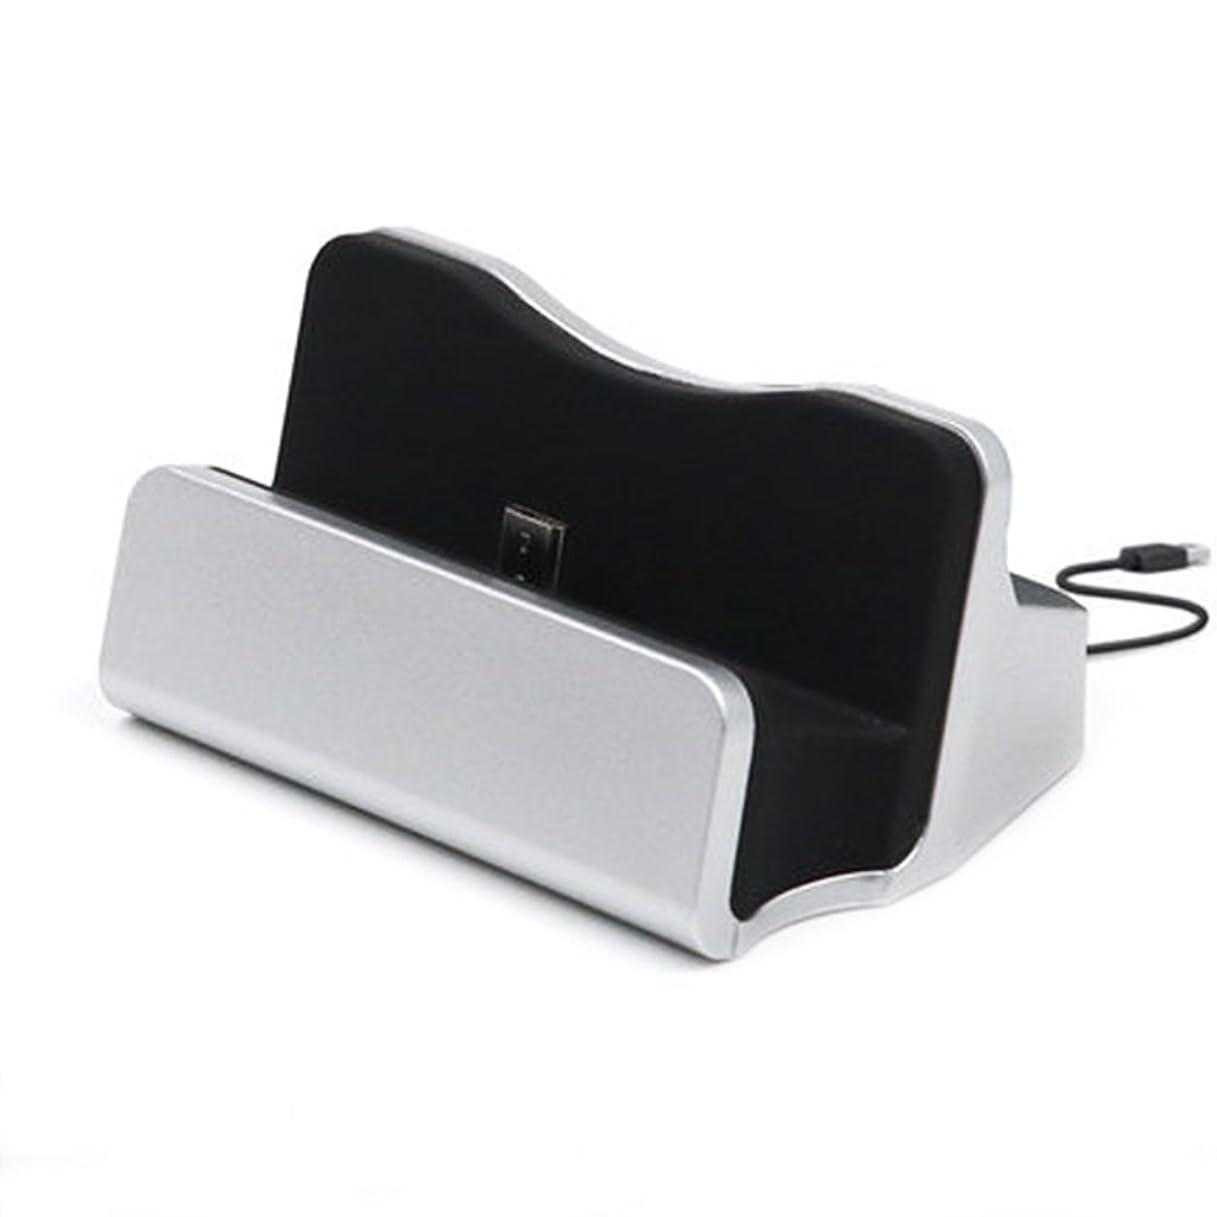 動揺させる発信変更Men Club 充電スタンド スマホスタンド スタンド  iPhone対応 Android対応 スマホ タブレット アンドロイド対応 金 銀 ゴールド シルバー ピンクゴールド (Android, シルバー)